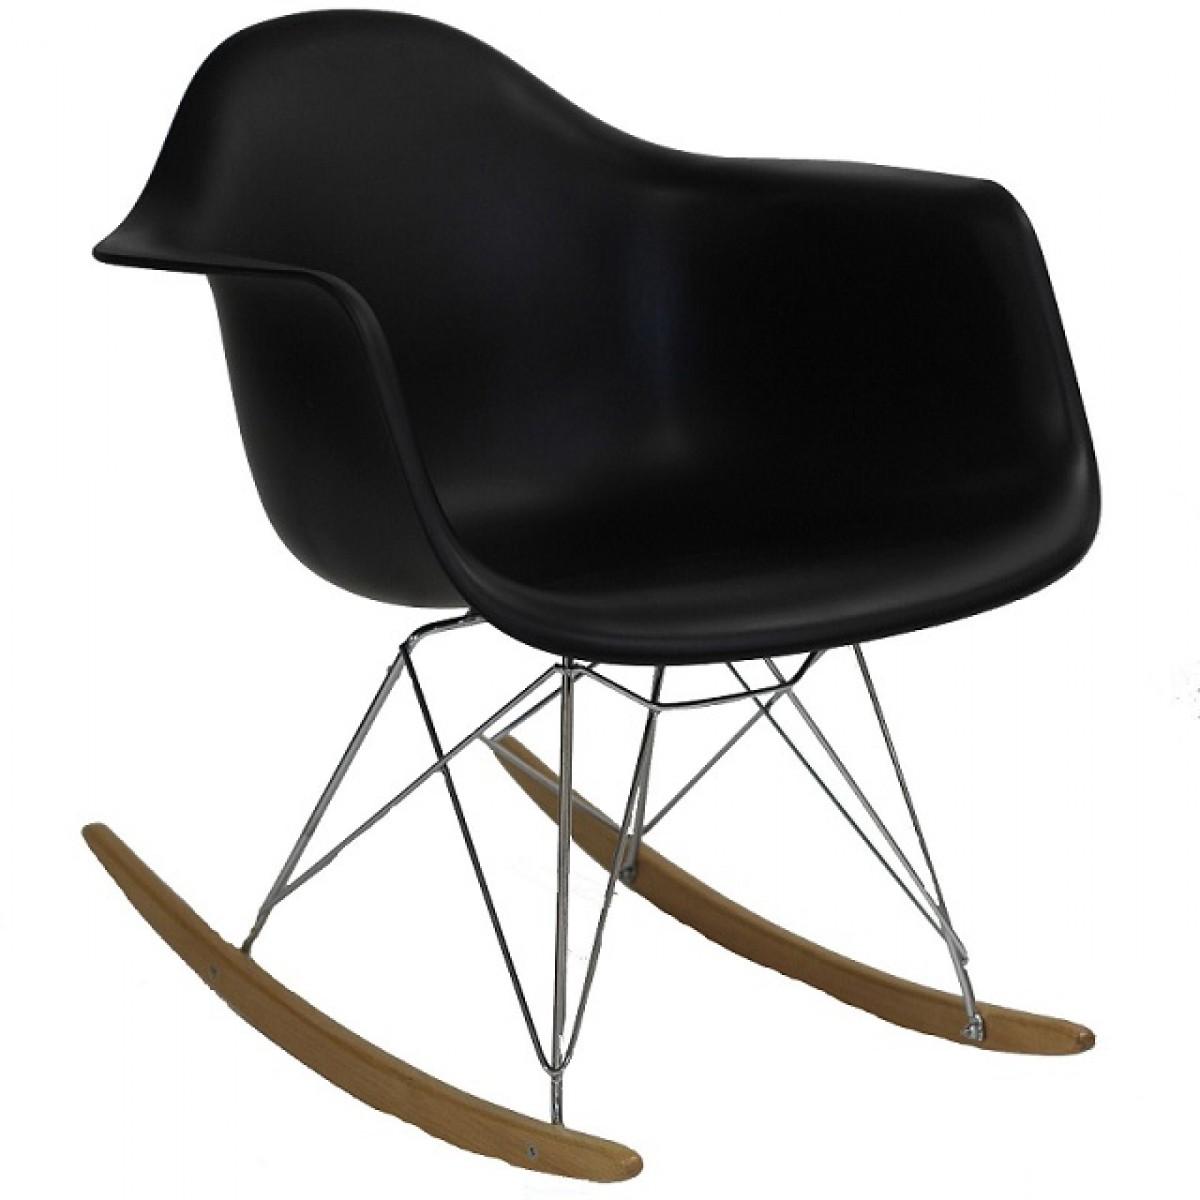 Rar rocking chairs eames style rar rocking arm chair grey - Rar Molded Black Plastic Rocking Chair With Steel Eiffel Legs